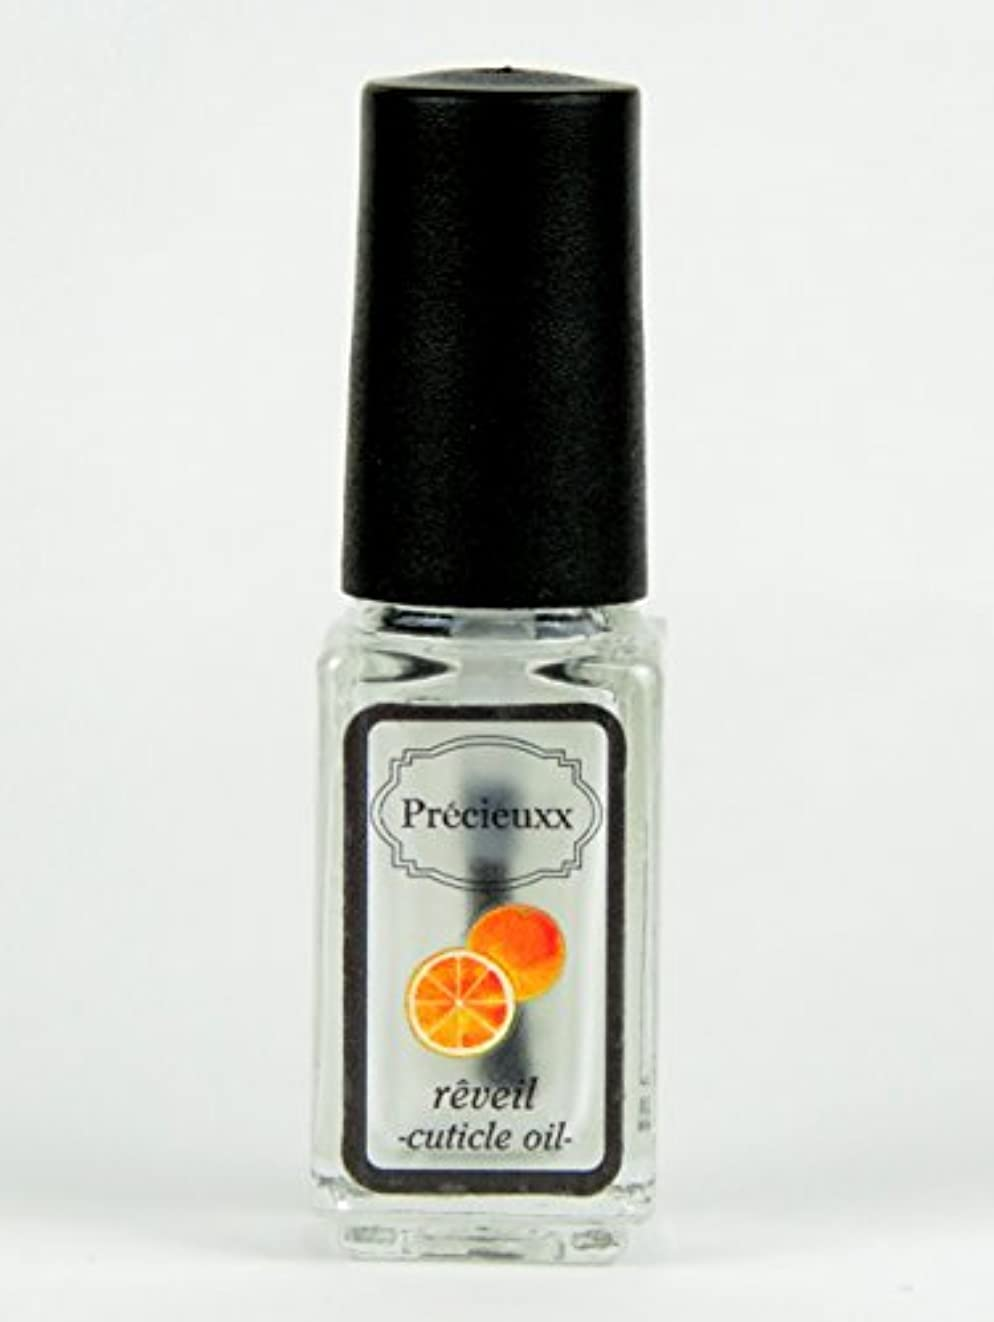 一掃するペチュランスリマークオーガニック ネイルオイル Precieuxx(プレシュー) ネイルアンドキューティクルボタニカルオイル 5ml オレンジ